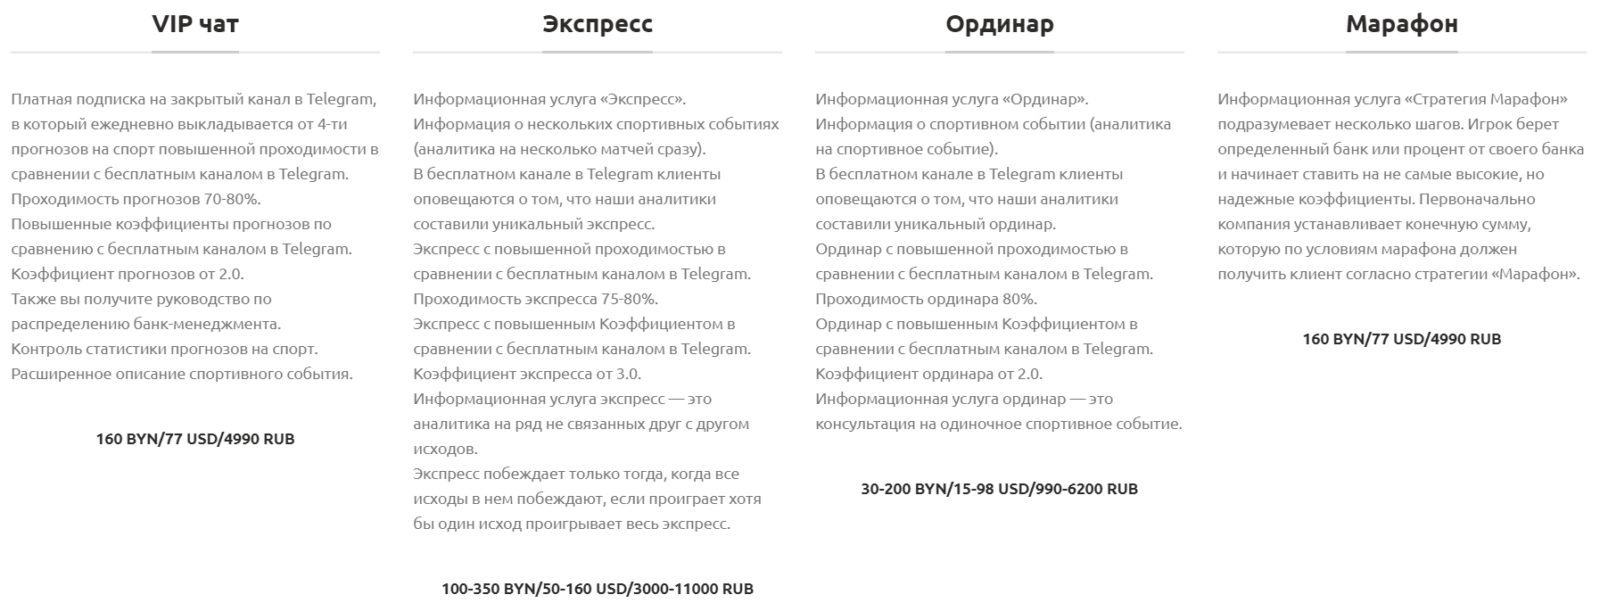 Платные услуги на сайте Infobet.by